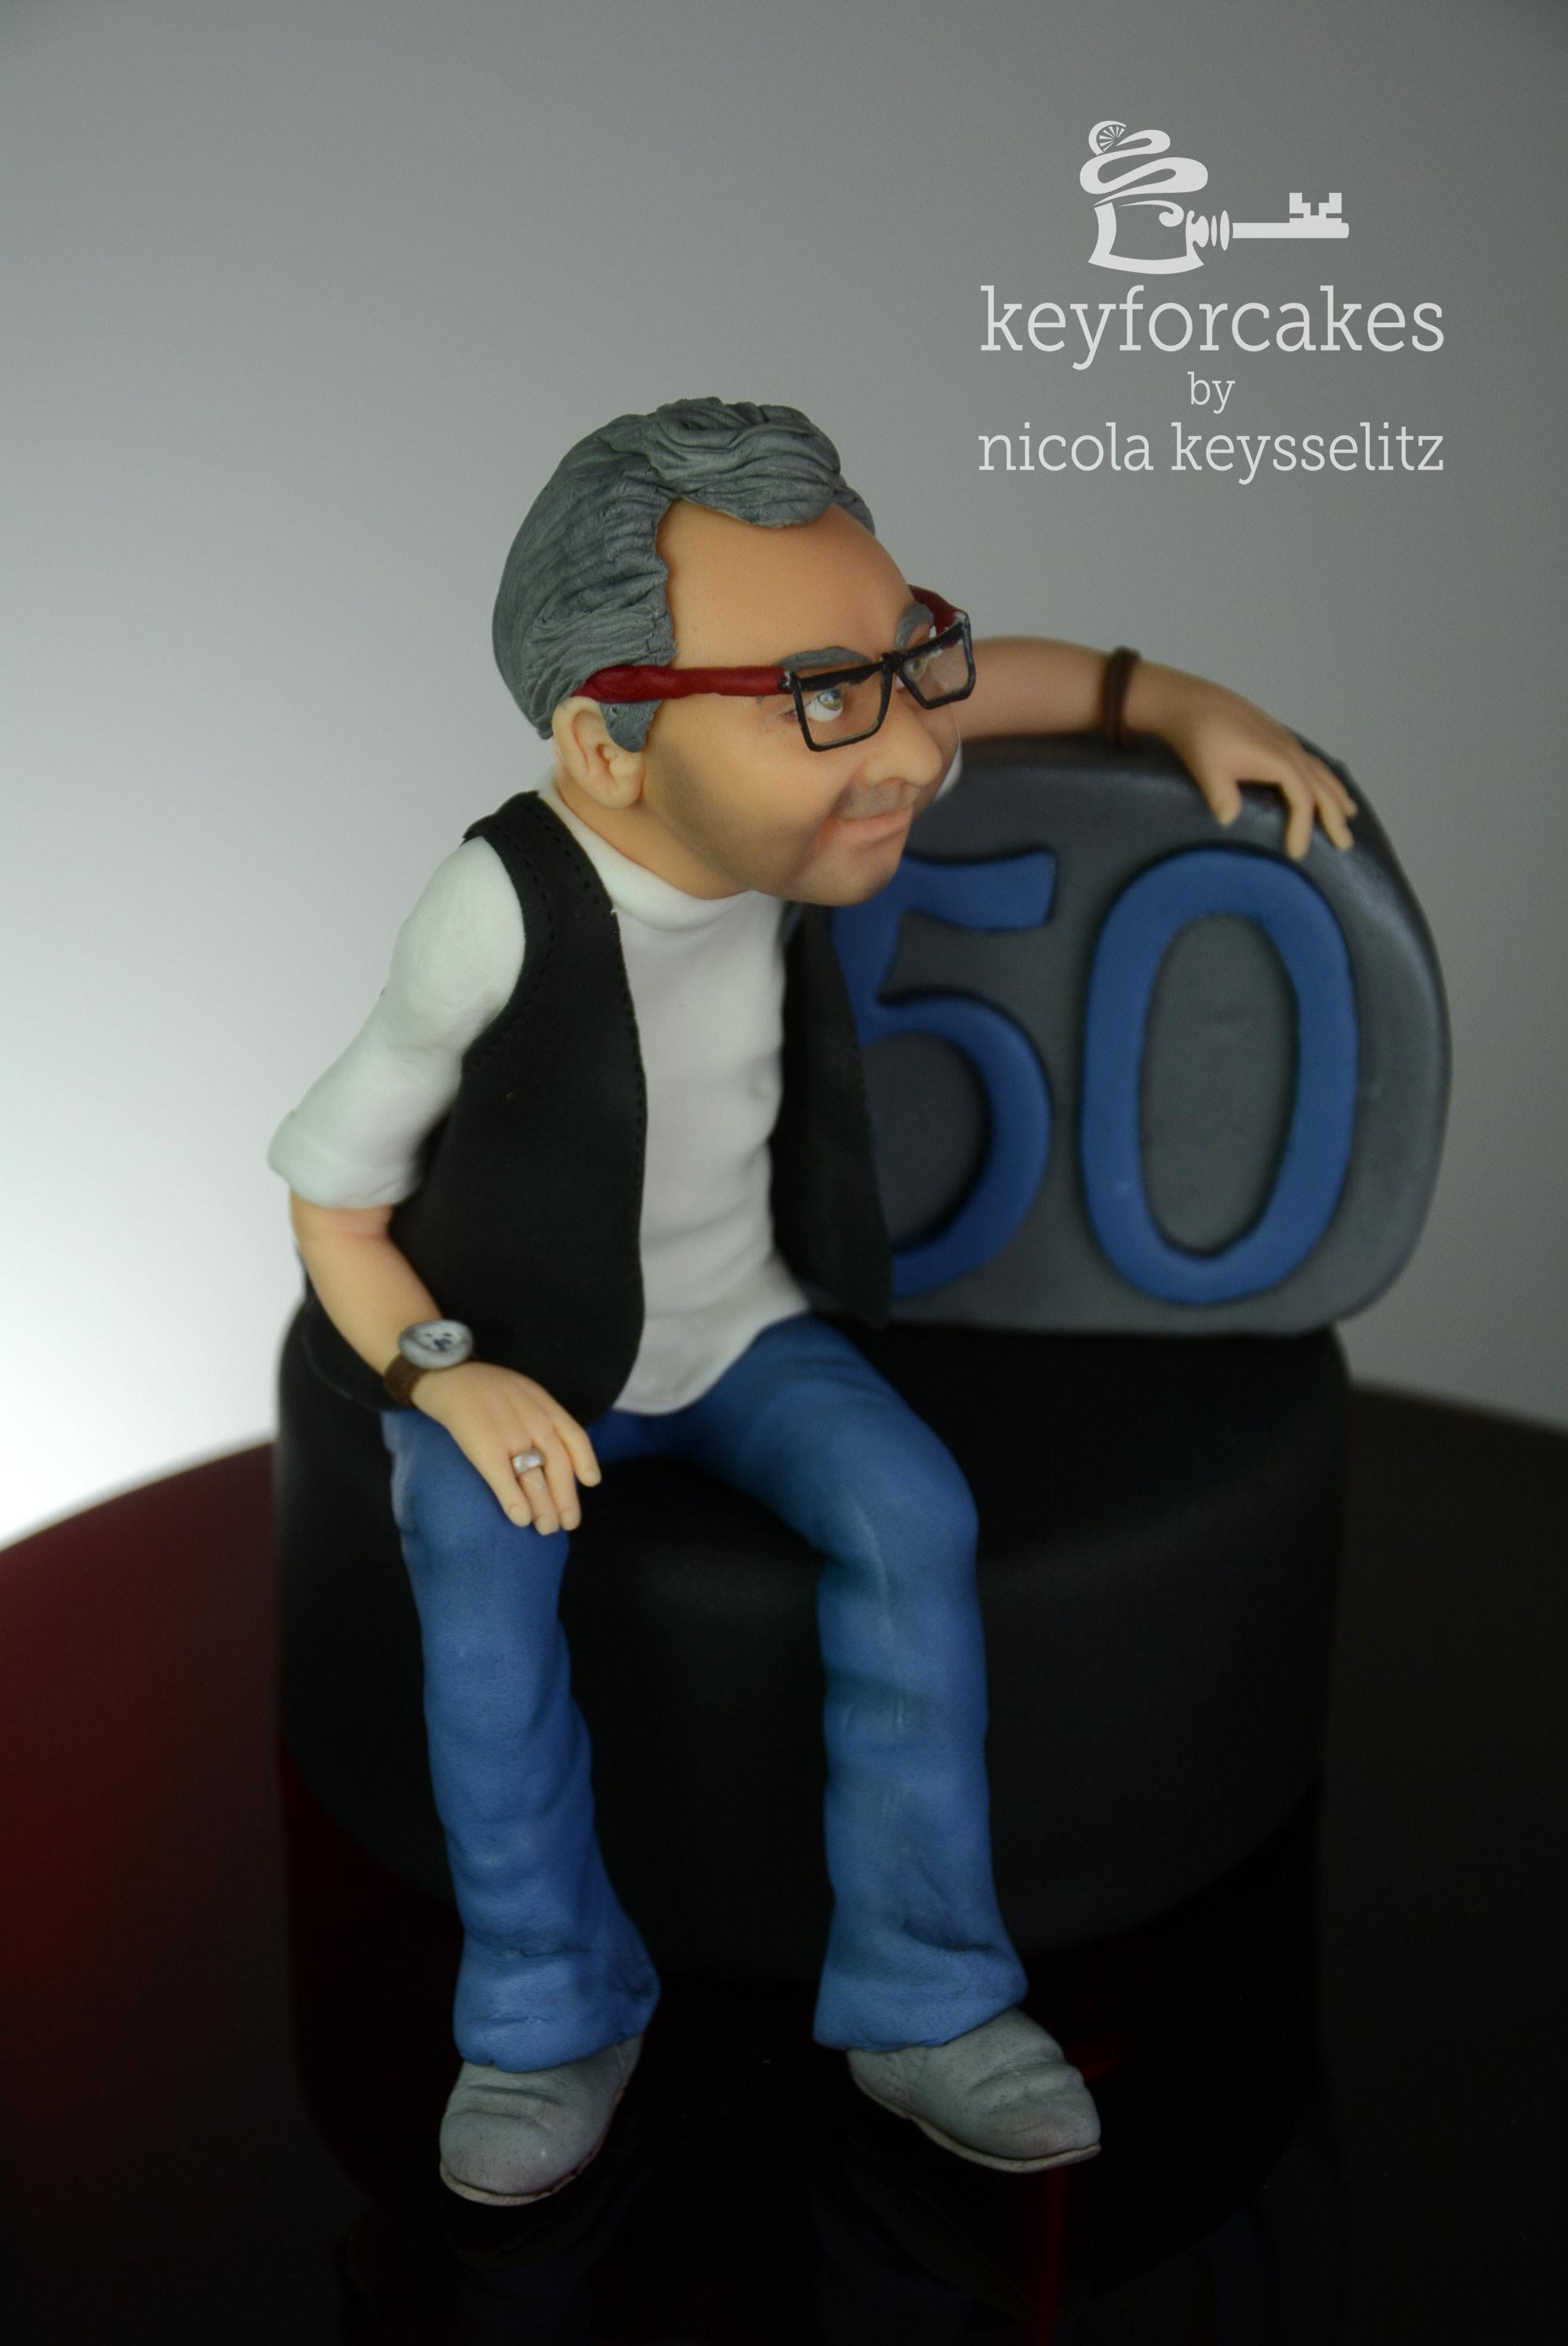 Torten Topper Zum 50 Geburtstag Key For Cakes